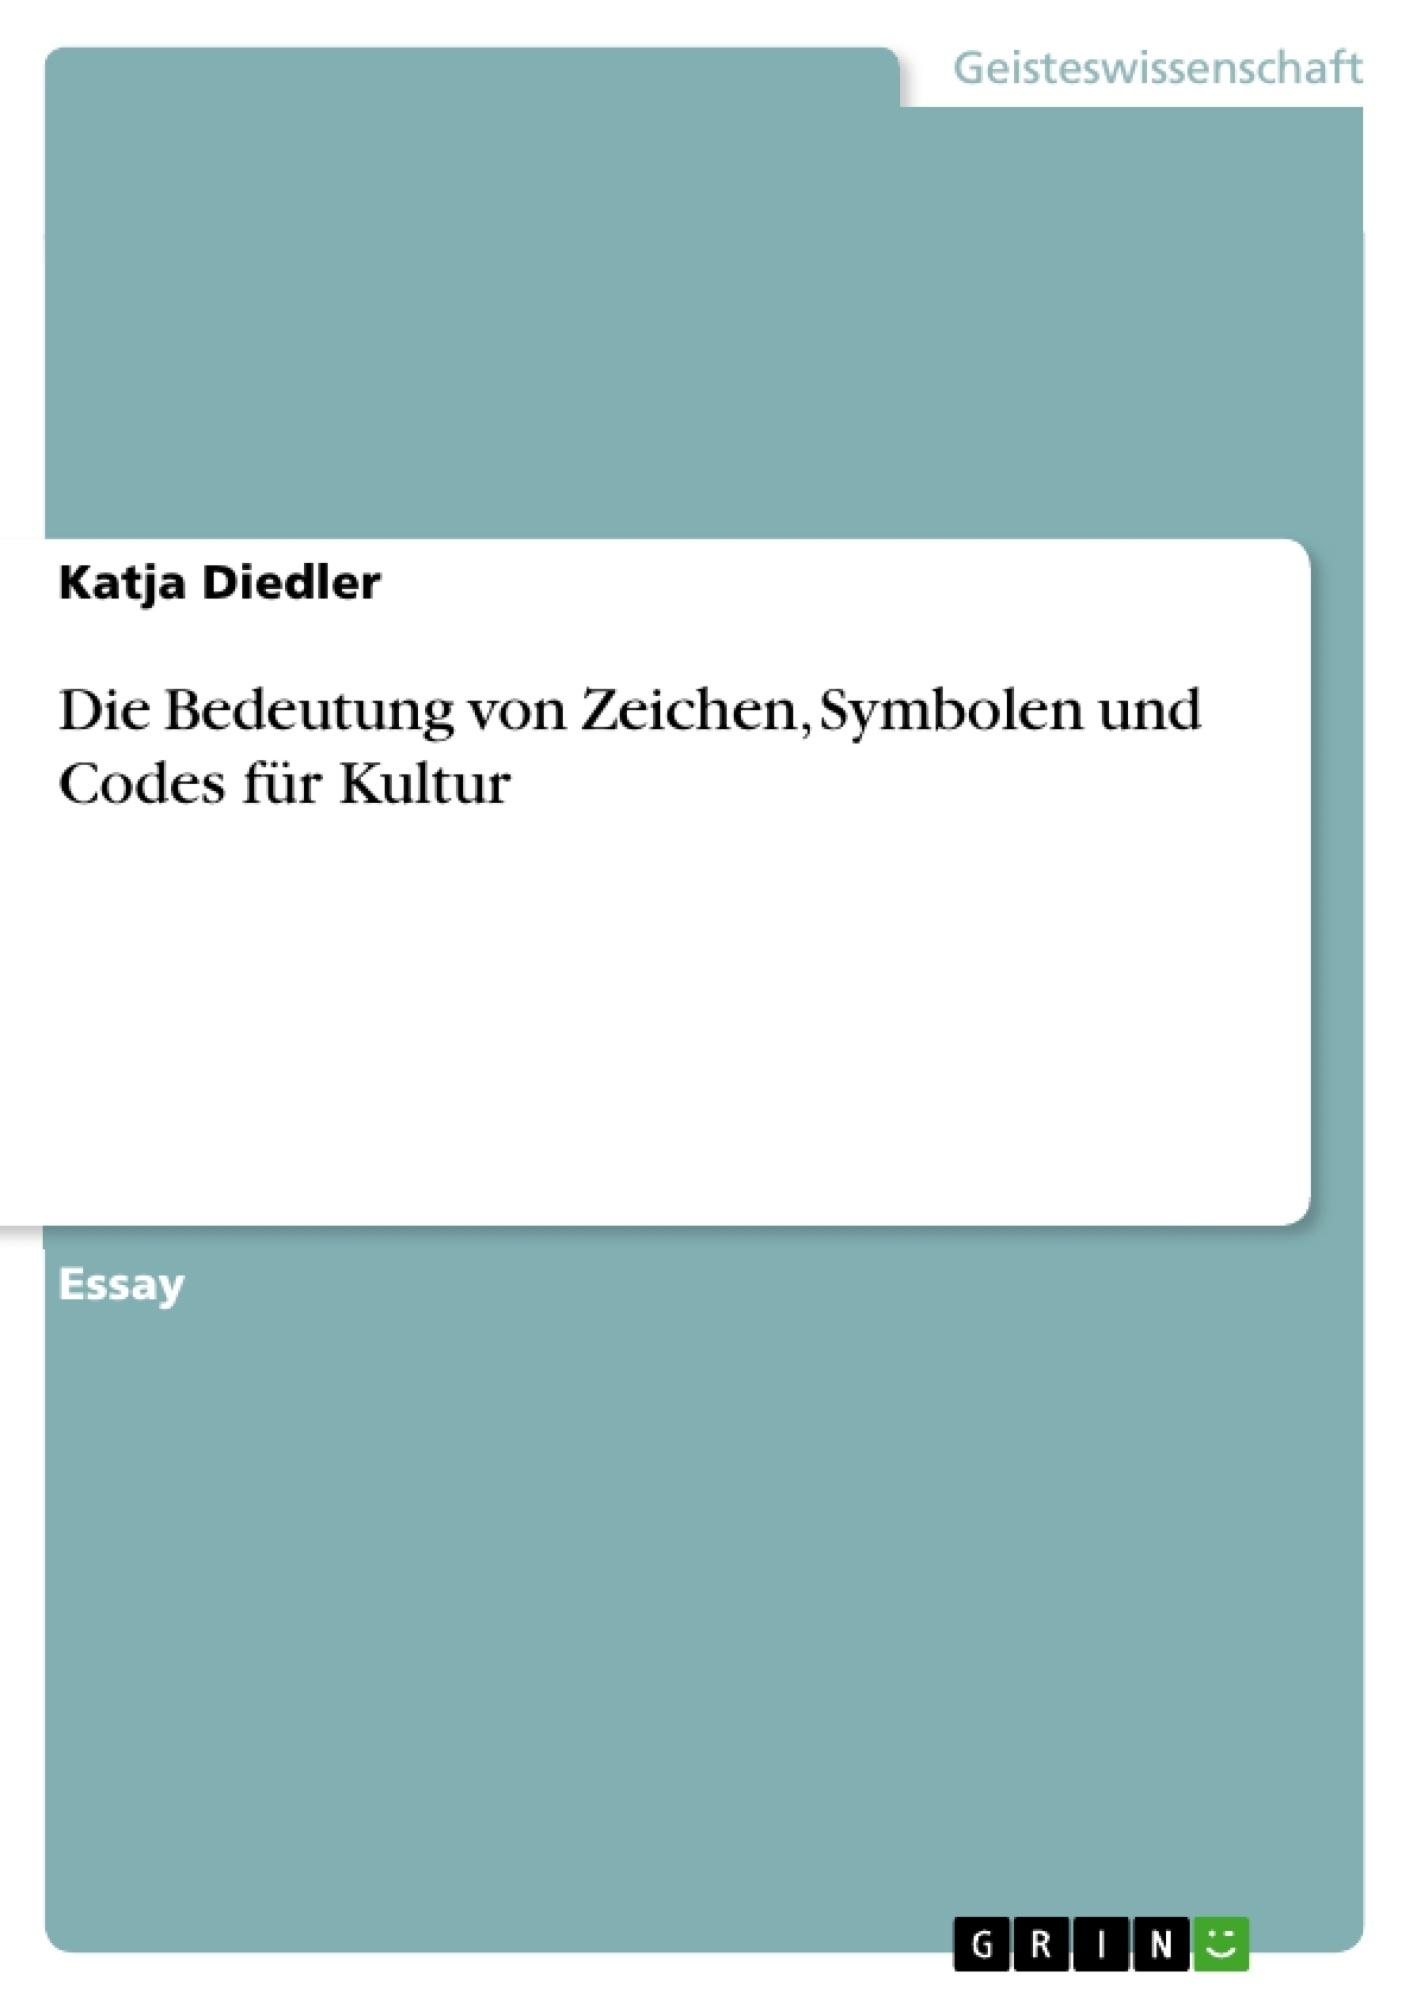 Titel: Die Bedeutung von Zeichen, Symbolen und Codes für Kultur